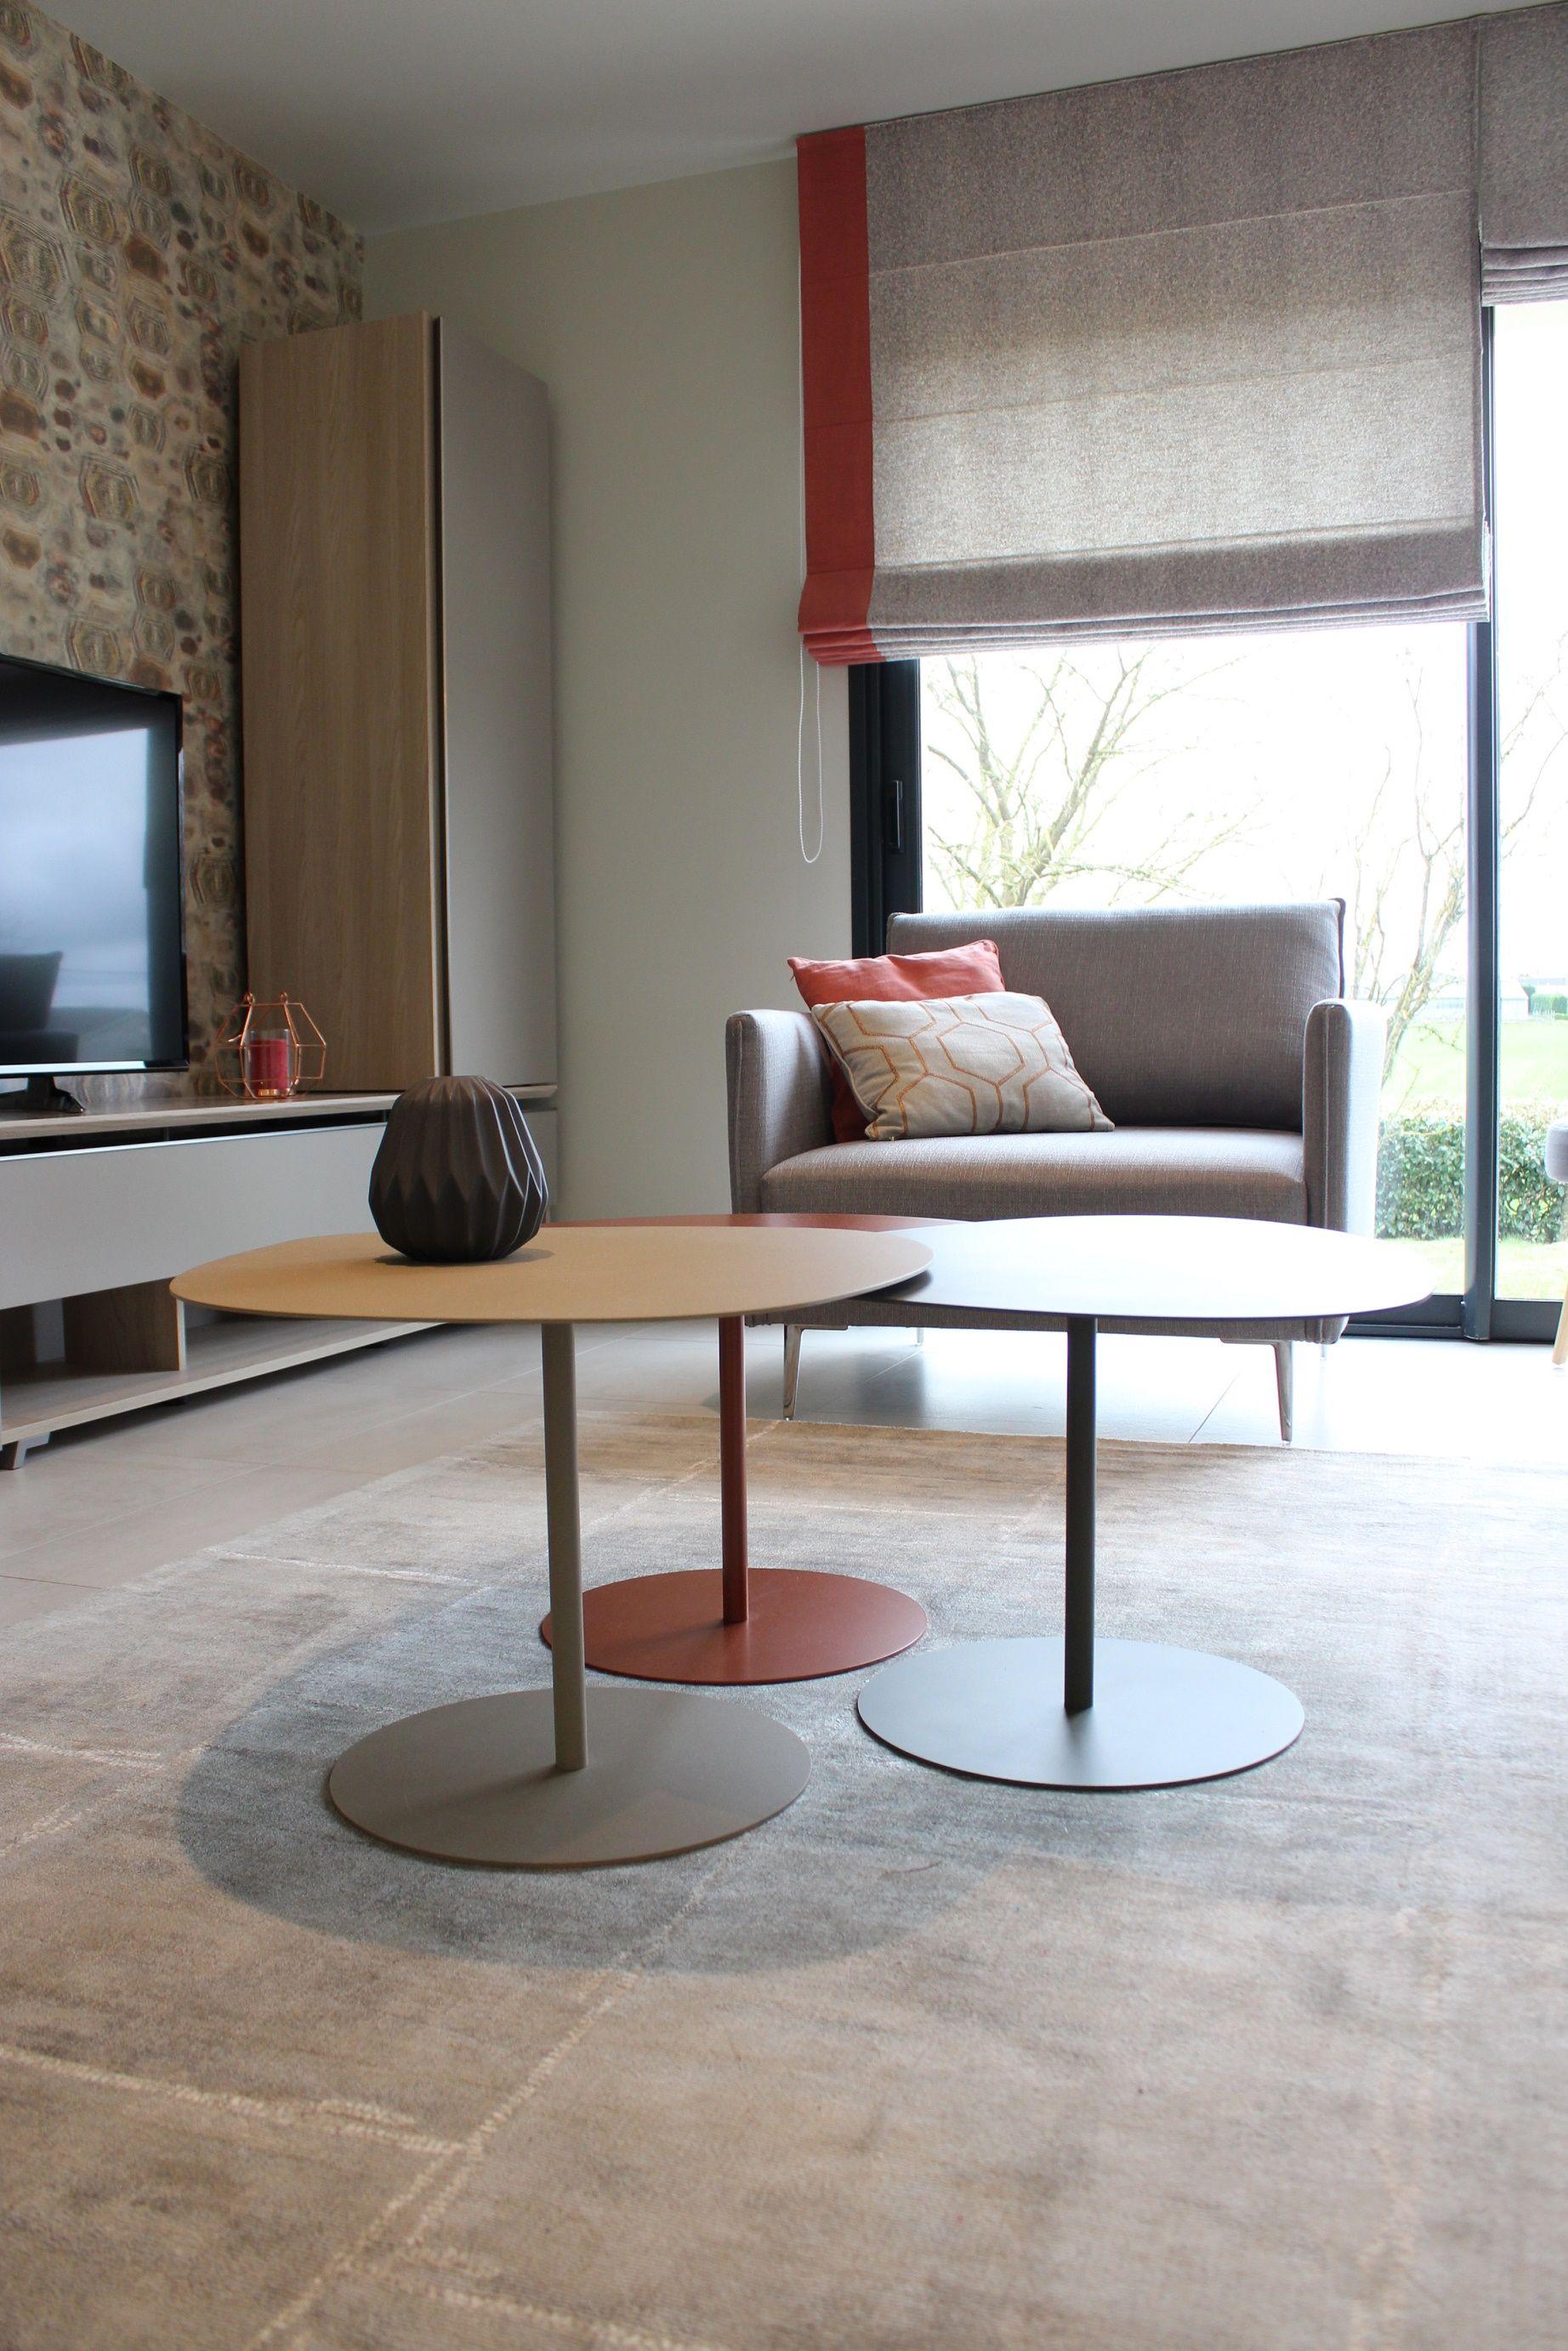 Decoration Contemporaine Table Galet Ambiance Actuelle Decoration